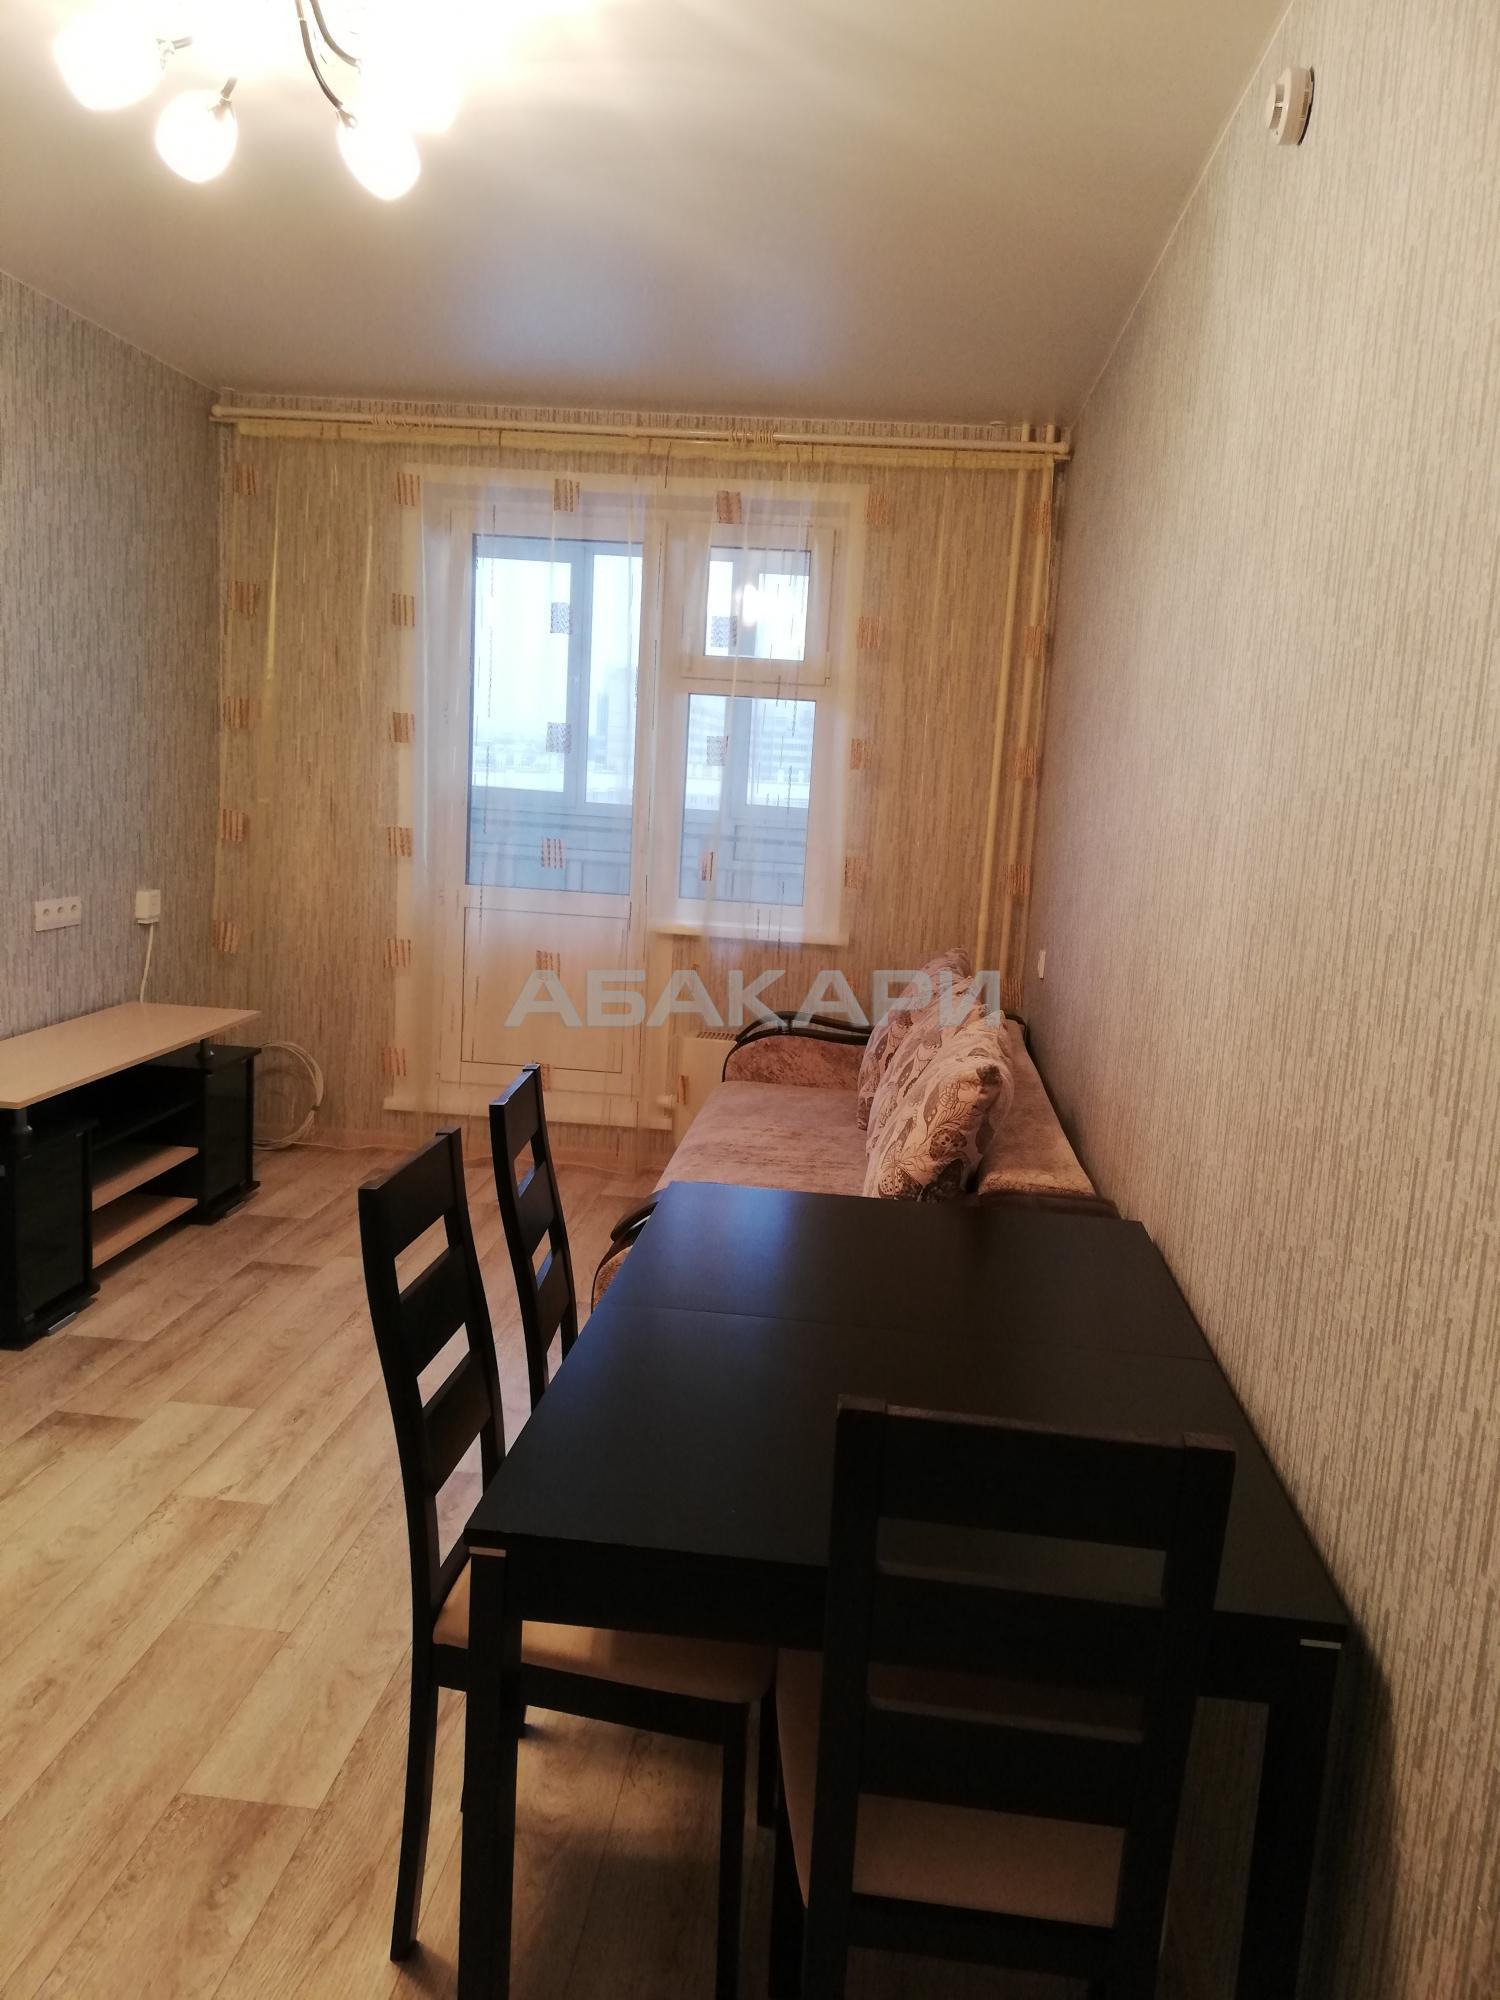 2к квартира улица Калинина, 37 | 19500 | аренда в Красноярске фото 3